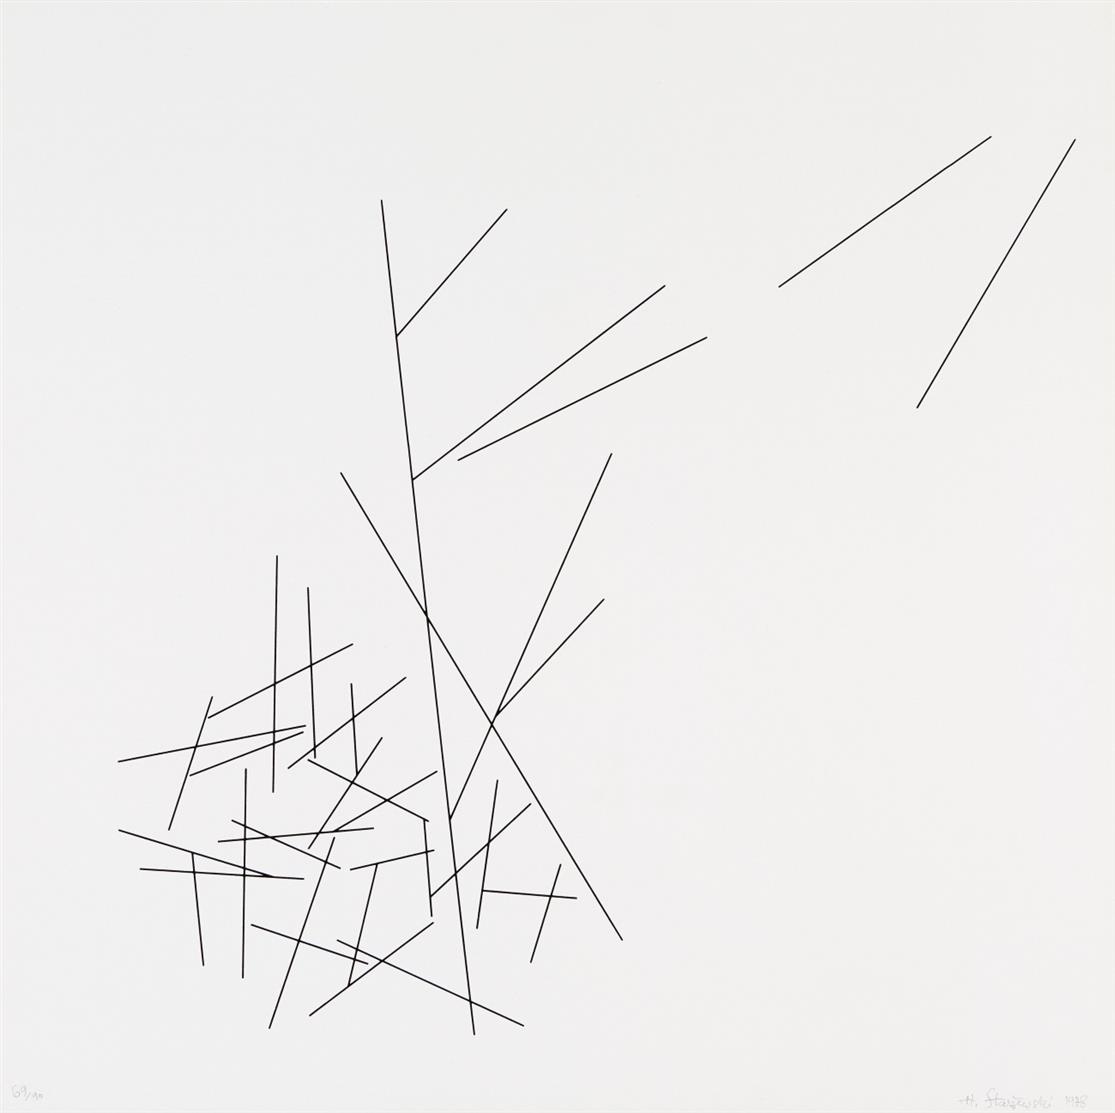 Henryk Stazewski. Ohne Titel. 1978. Serigraphie. Signiert. Ex. 69/90.